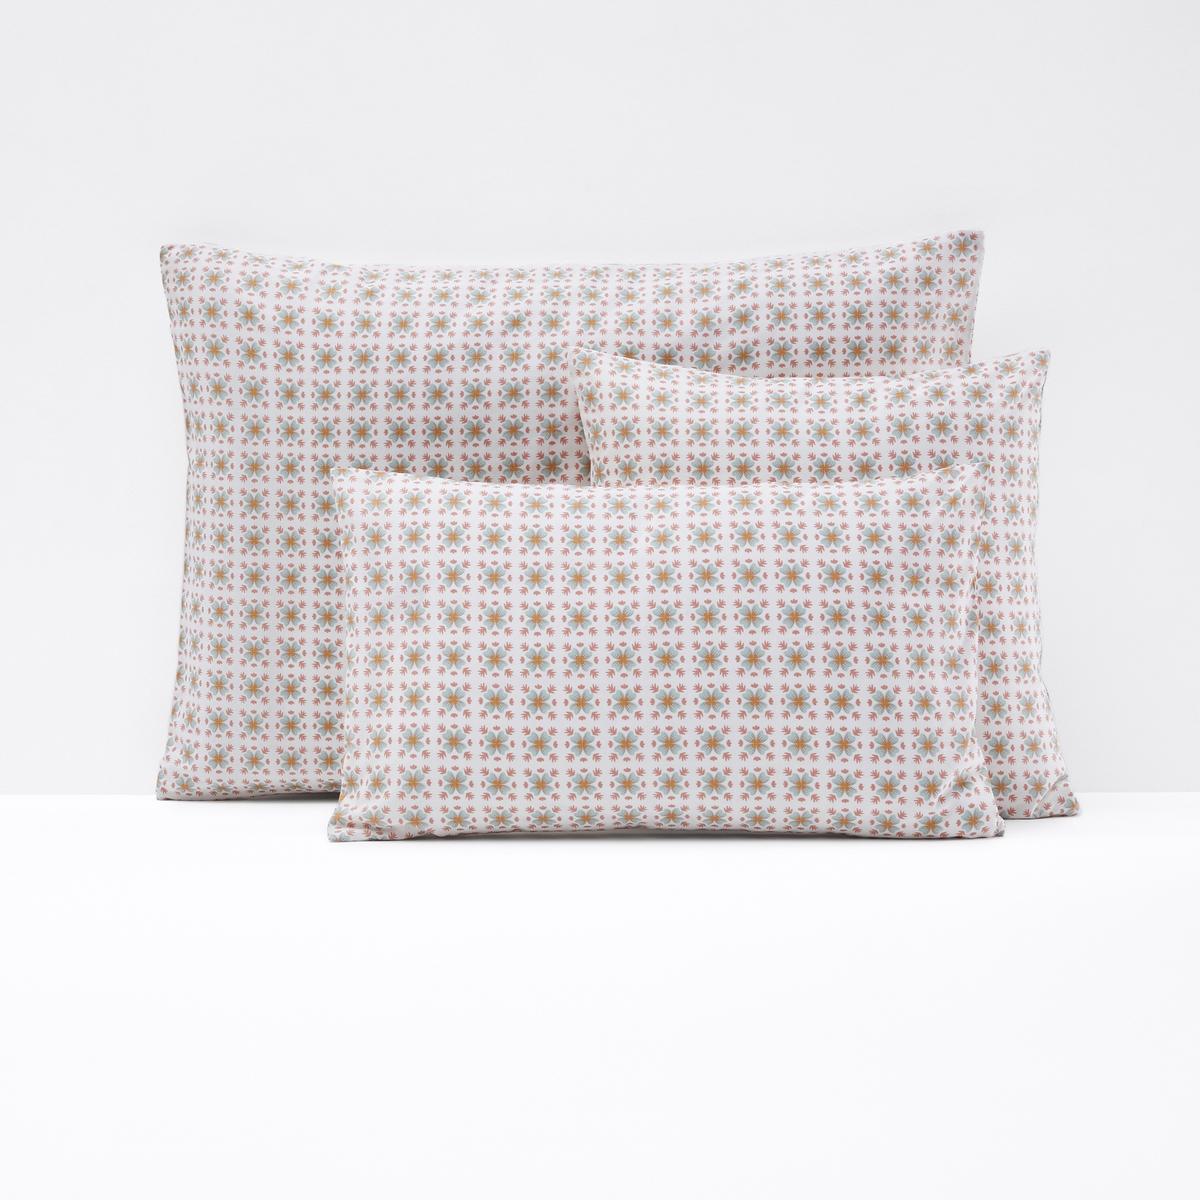 Чехол на подушку или наволочка из перкали AMELIA от La Redoute